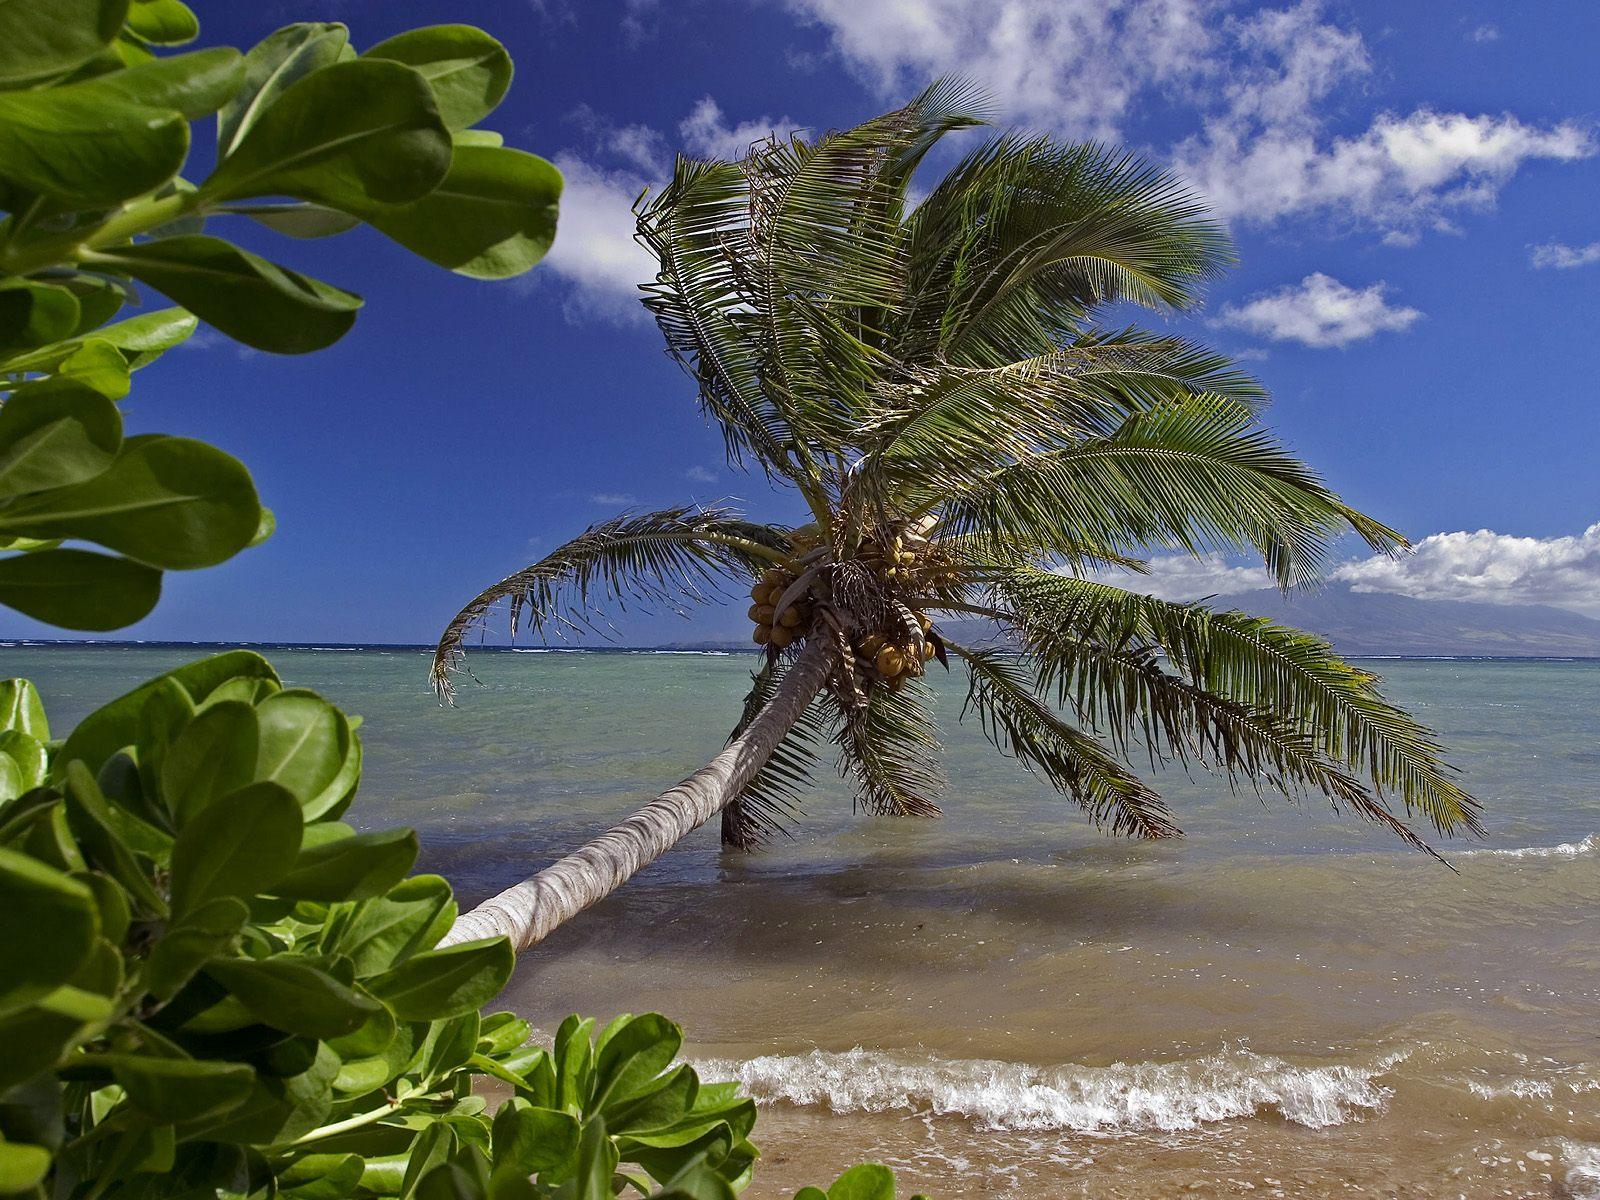 Molokai Shore, Hawaii бесплатно